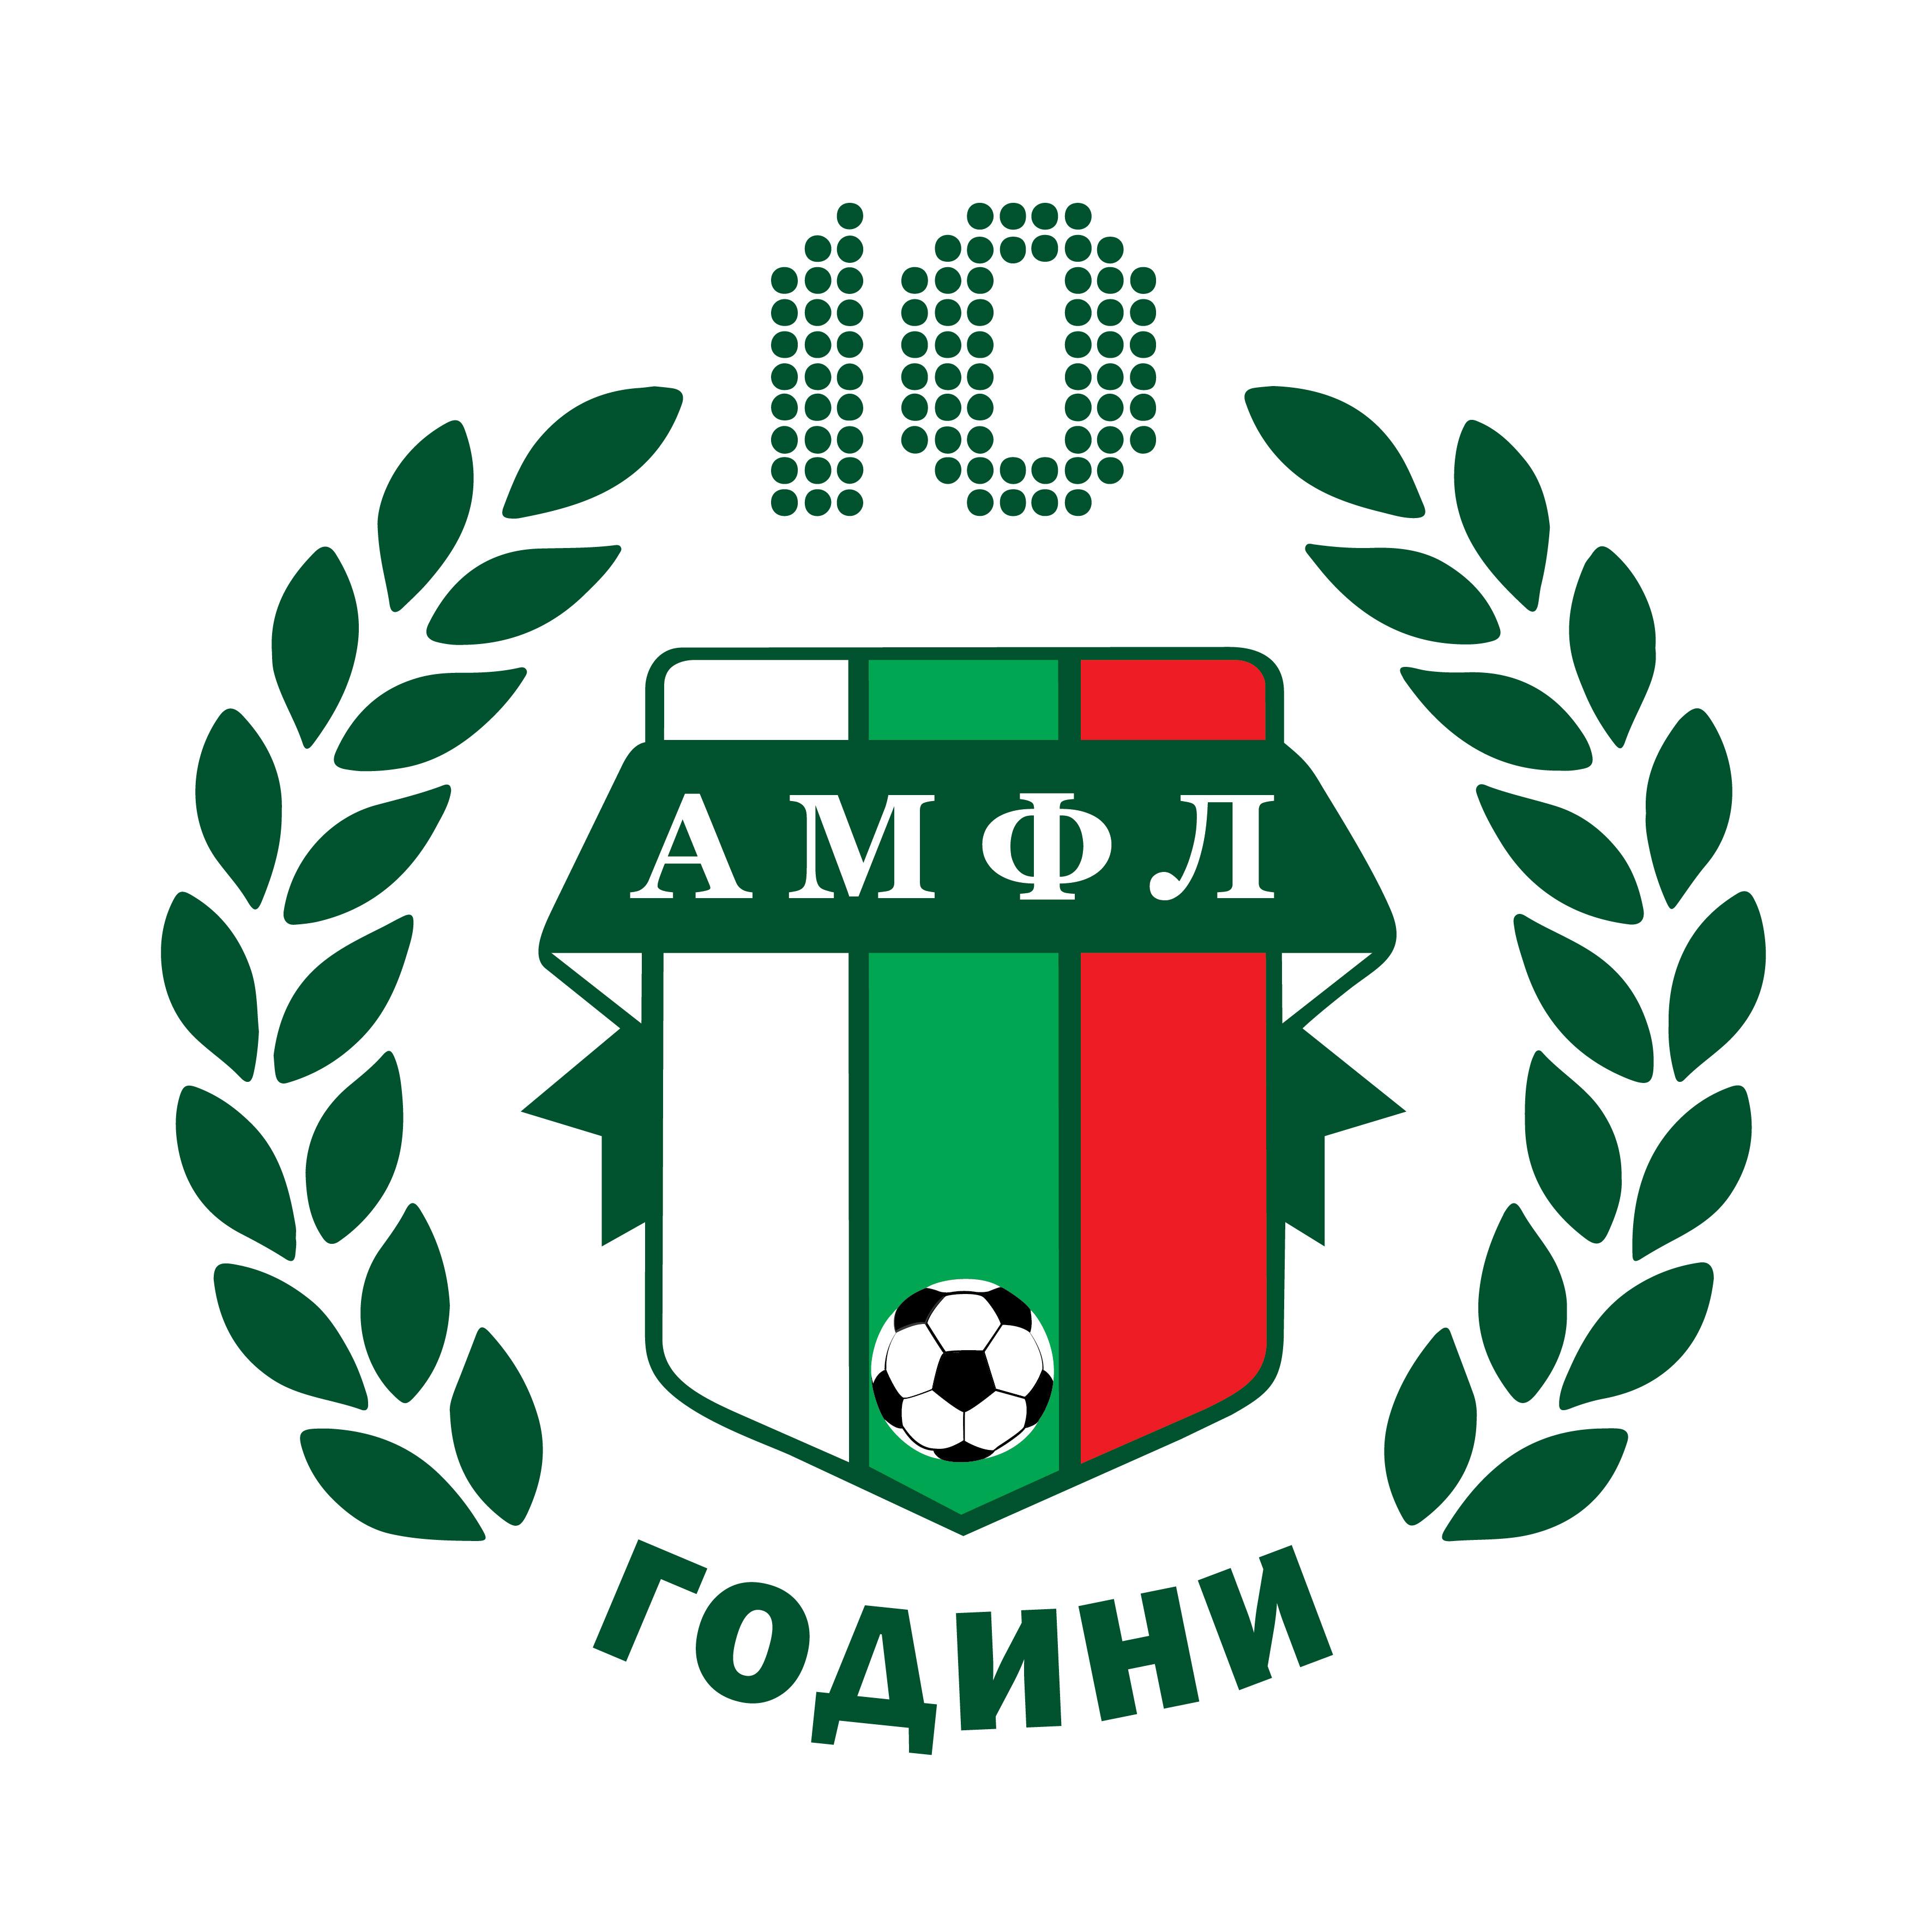 DOBRI DOBREV